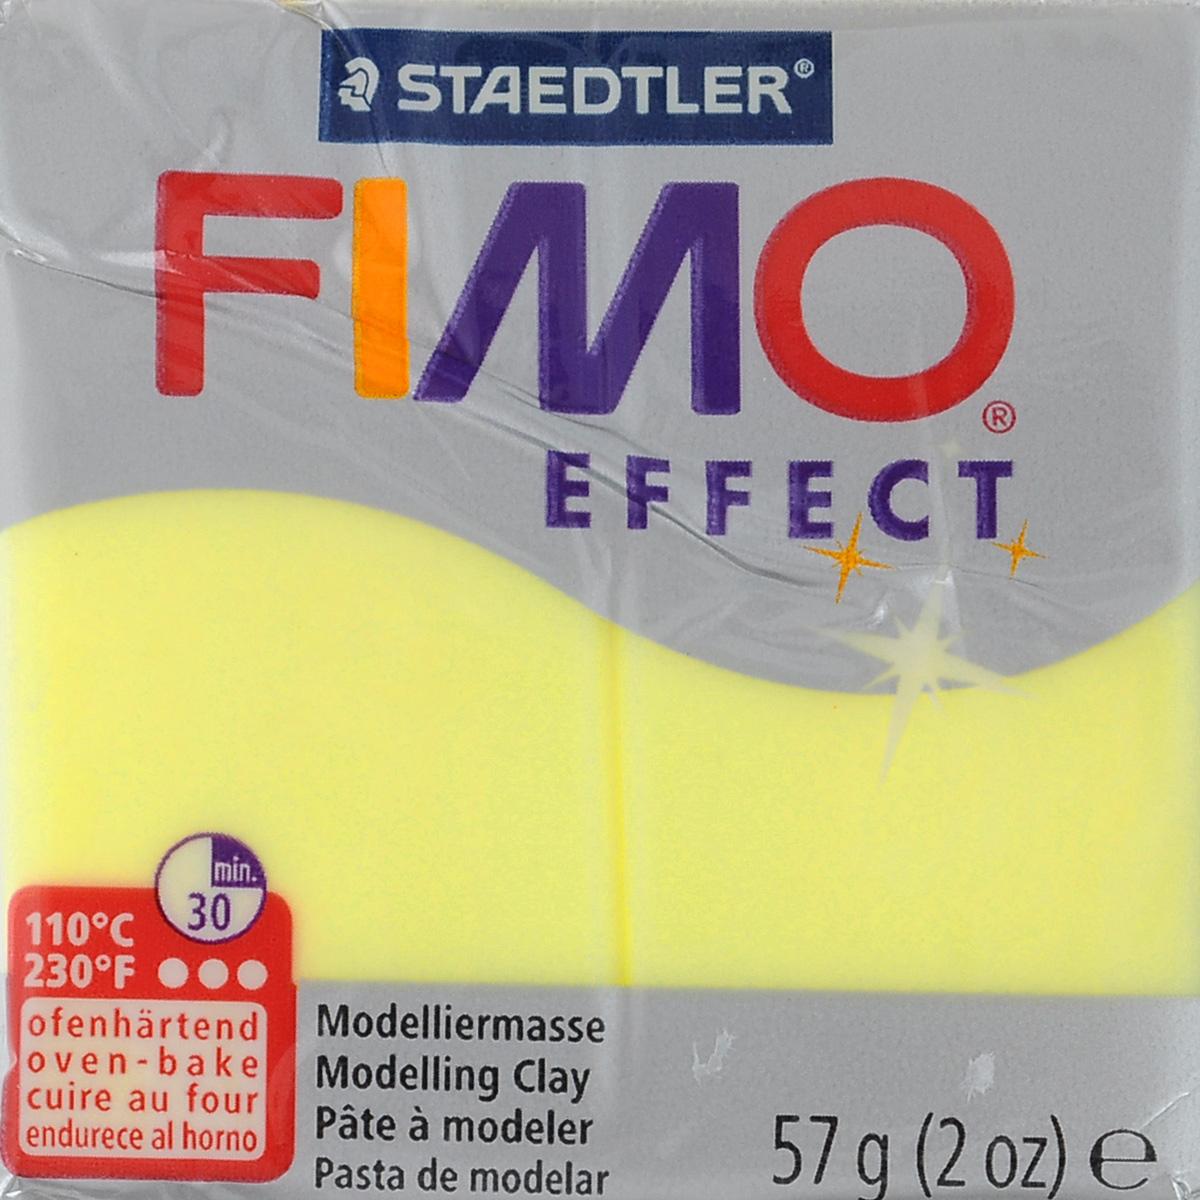 Полимерная глина Fimo Double Effect, цвет: цитрин, 56 г8020-106Мягкая глина на полимерной основе (пластика) Fimo Effect идеально подходит для лепки небольших изделий (украшений, скульптурок, кукол) и для моделирования. Глина обладает отличными пластичными свойствами, хорошо размягчается и лепится, легко смешивается между собой, благодаря чему можно создать огромное количество поделок любых цветов и оттенков, не имеет запаха. Идеально подходит для работы с детьми. Особенный яркий цвет с 5 различными потрясающими эффектами: имитации натуральных камней (мрамор, гранит), имитации металла, полупрозрачности, флуоресцентный и глиттер (блестки). Материал признанного качества, для выполнения детальных и филигранных работ. В домашних условиях готовая поделка выпекается в духовом шкафу при температуре 110°С в течение 15-30 минут (в зависимости от величины изделия). Окончательную прочность и твердость вылепленные и обожженные объекты достигают после остывания. Широкий выбор принадлежностей для работы с FIMO, позволит Вам воплотить в...